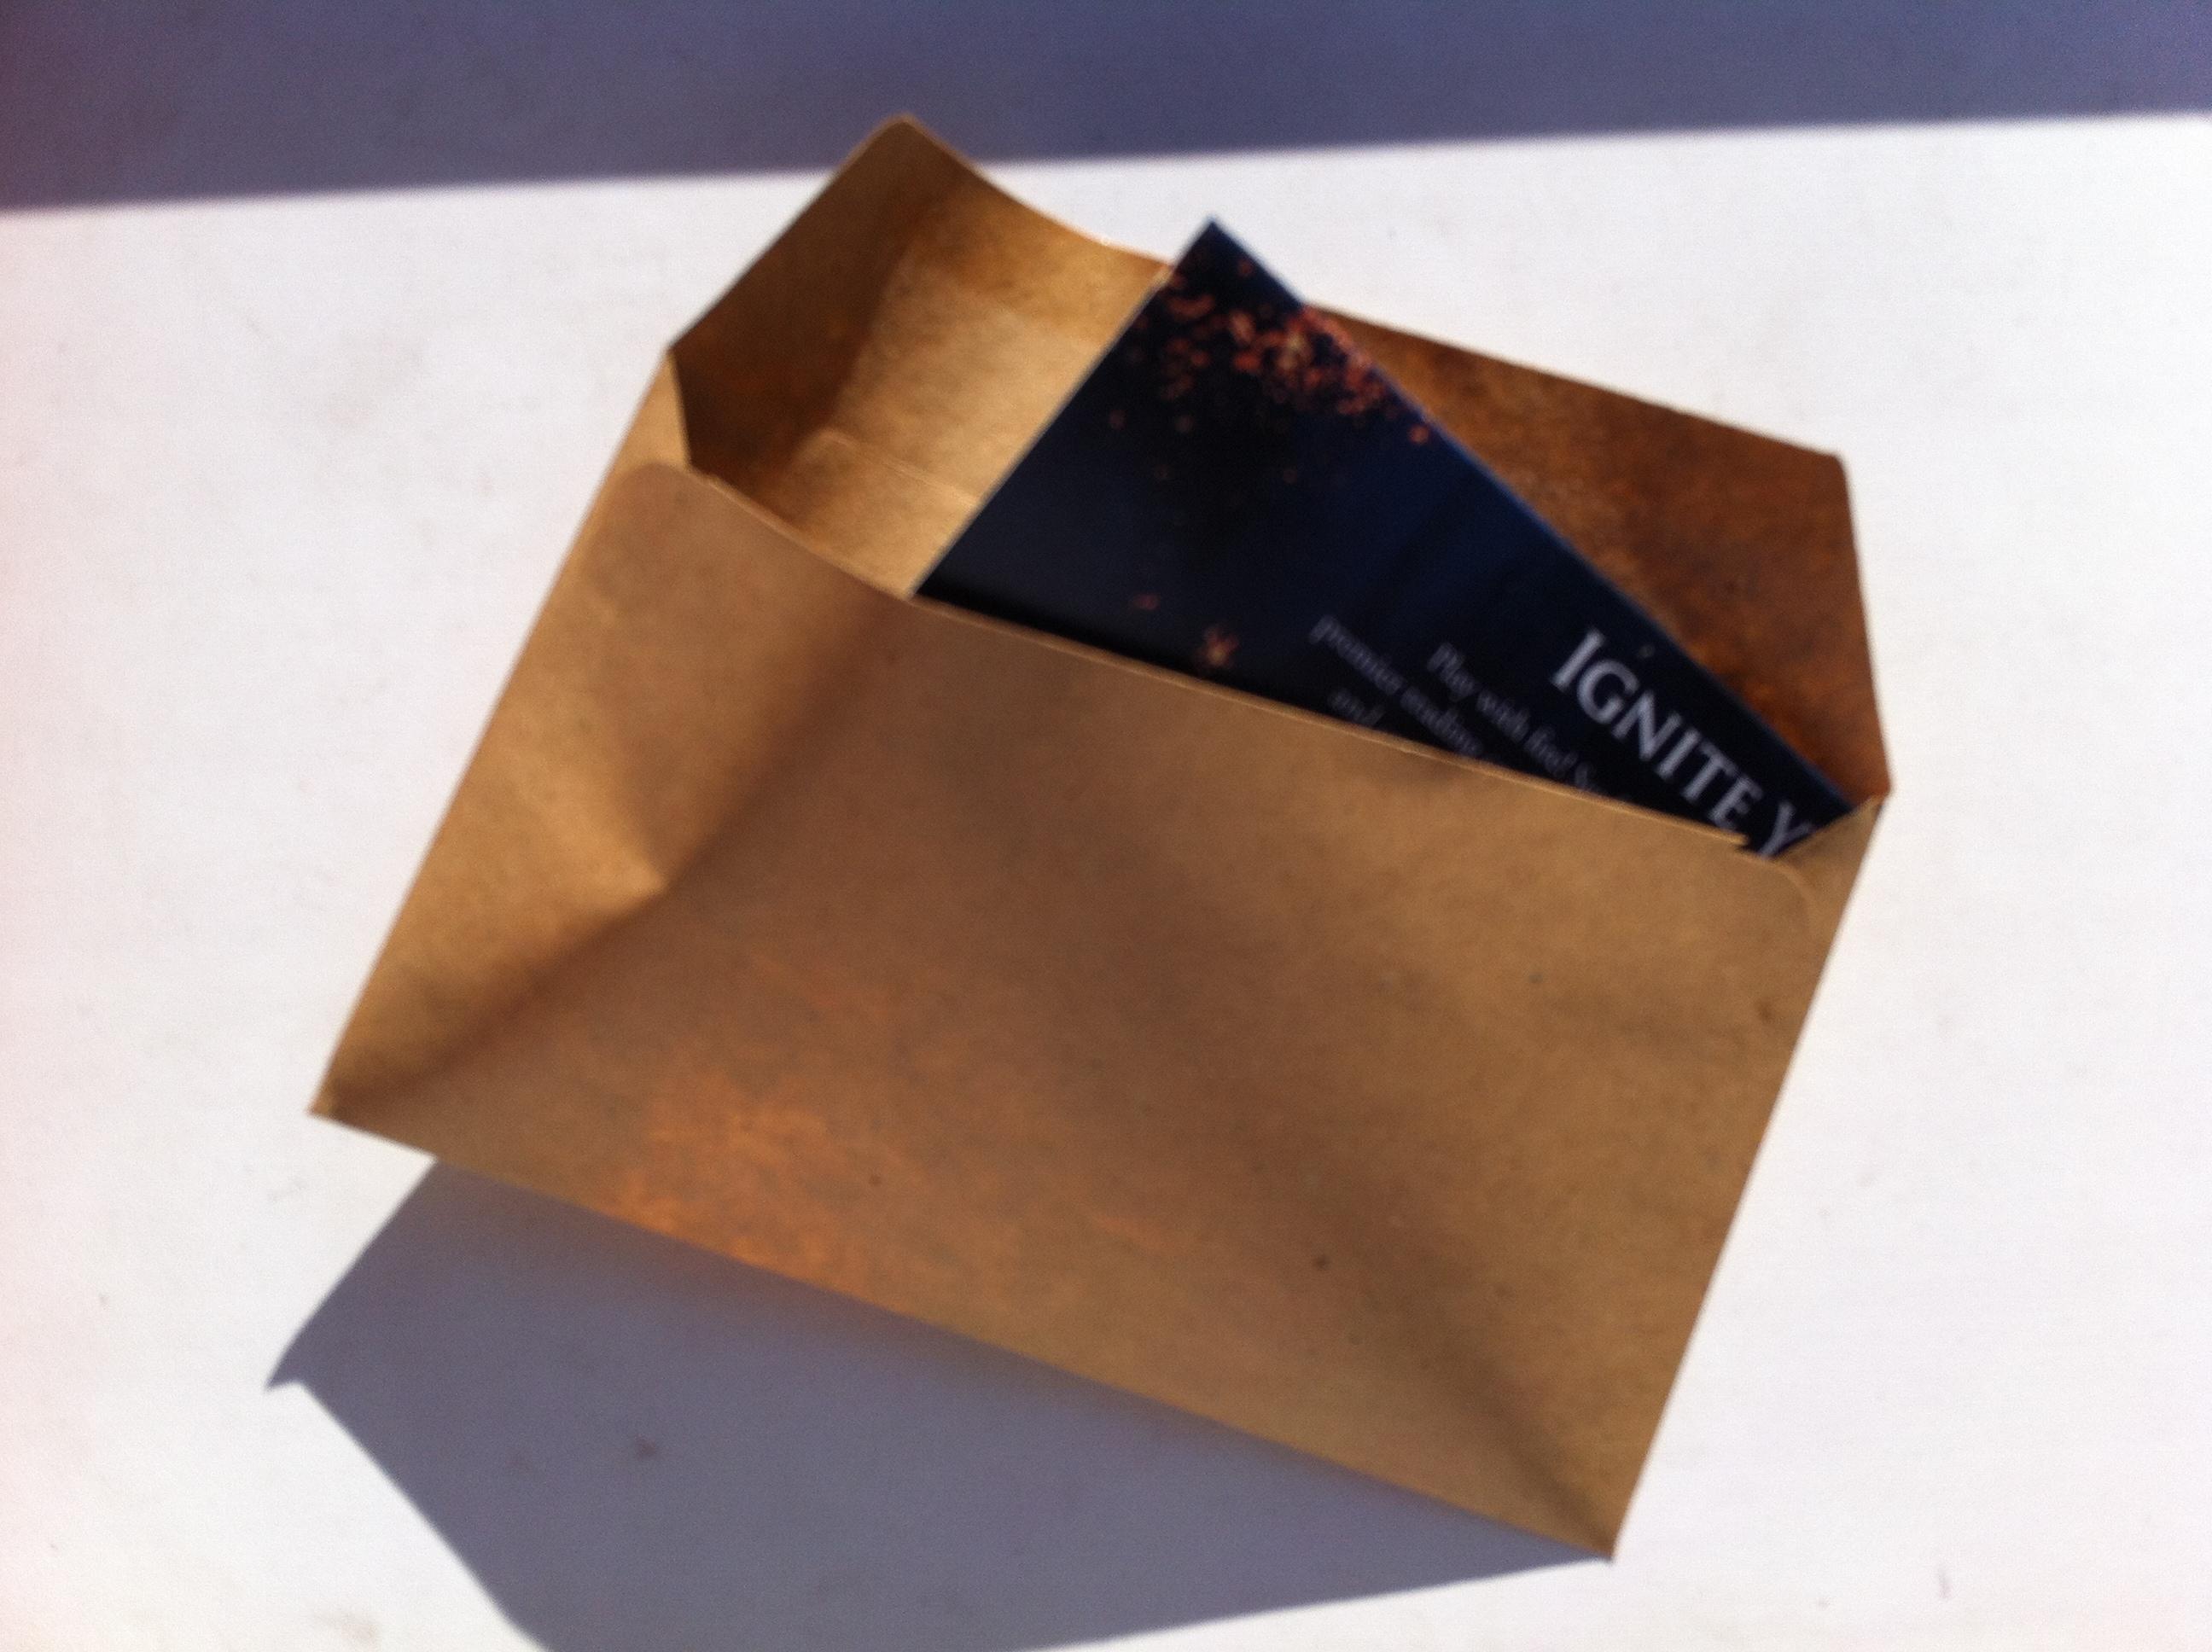 Krok č. 5 - Vložit do obálky č. 1